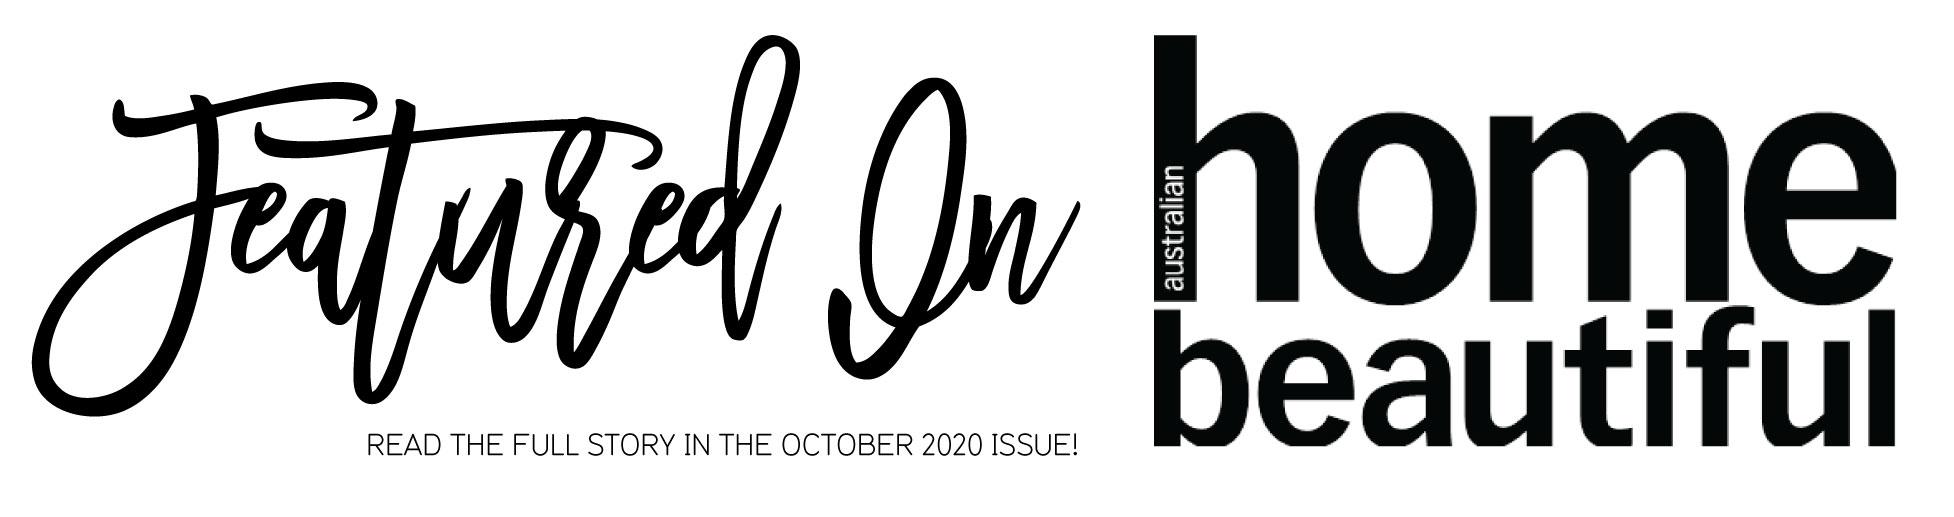 landing-page-header-HB-logo